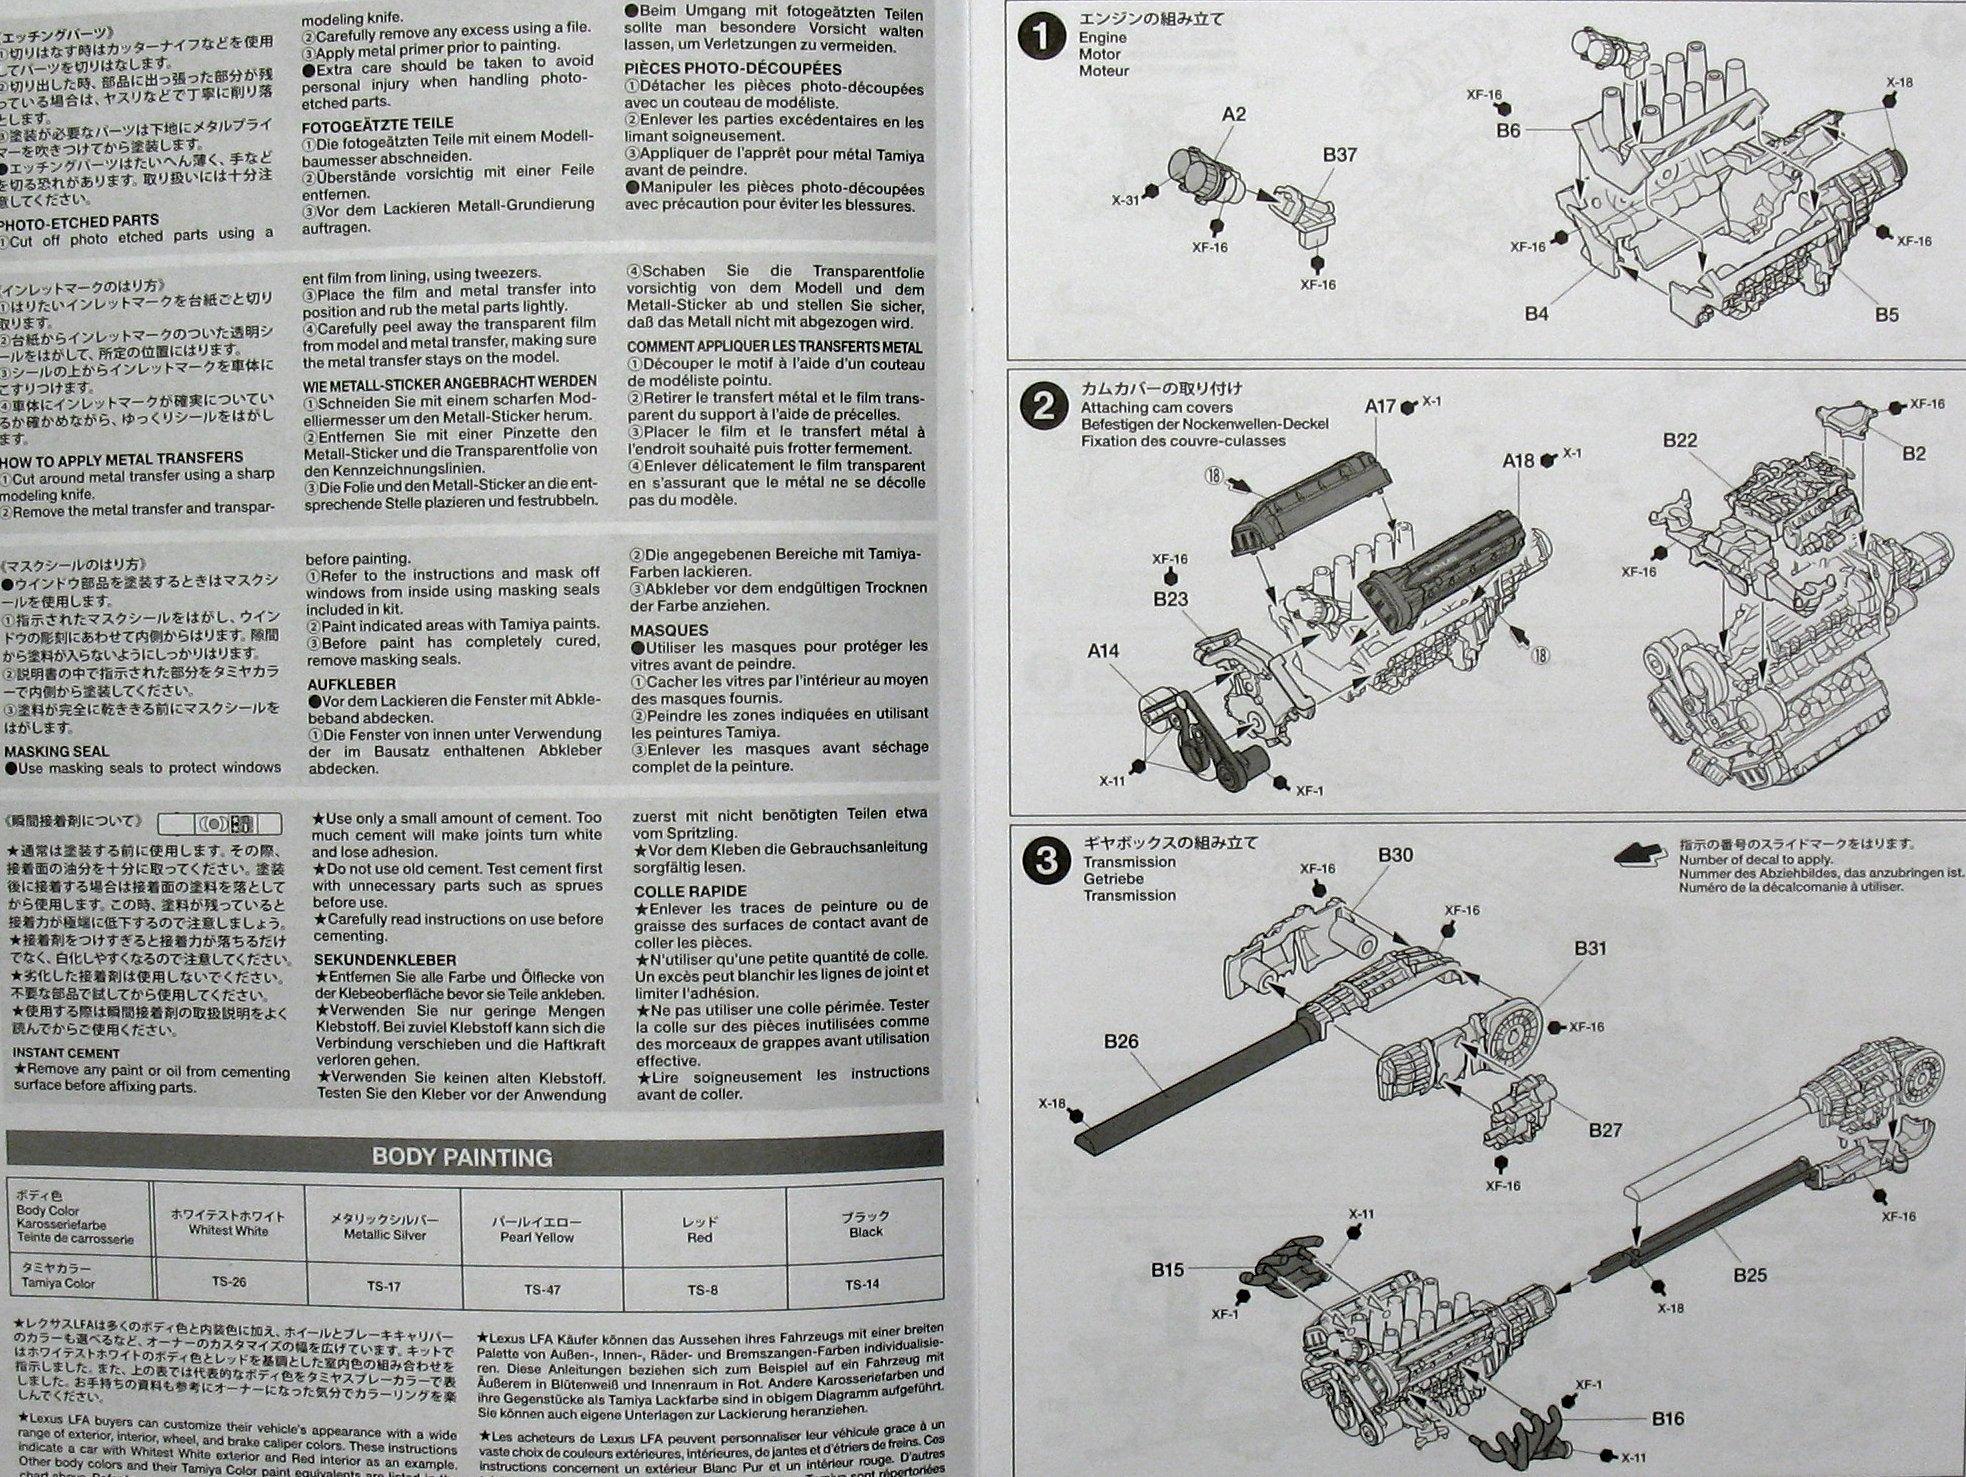 Groß Usaa Unfallbericht Form Fotos - Verdrahtungsideen - korsmi.info